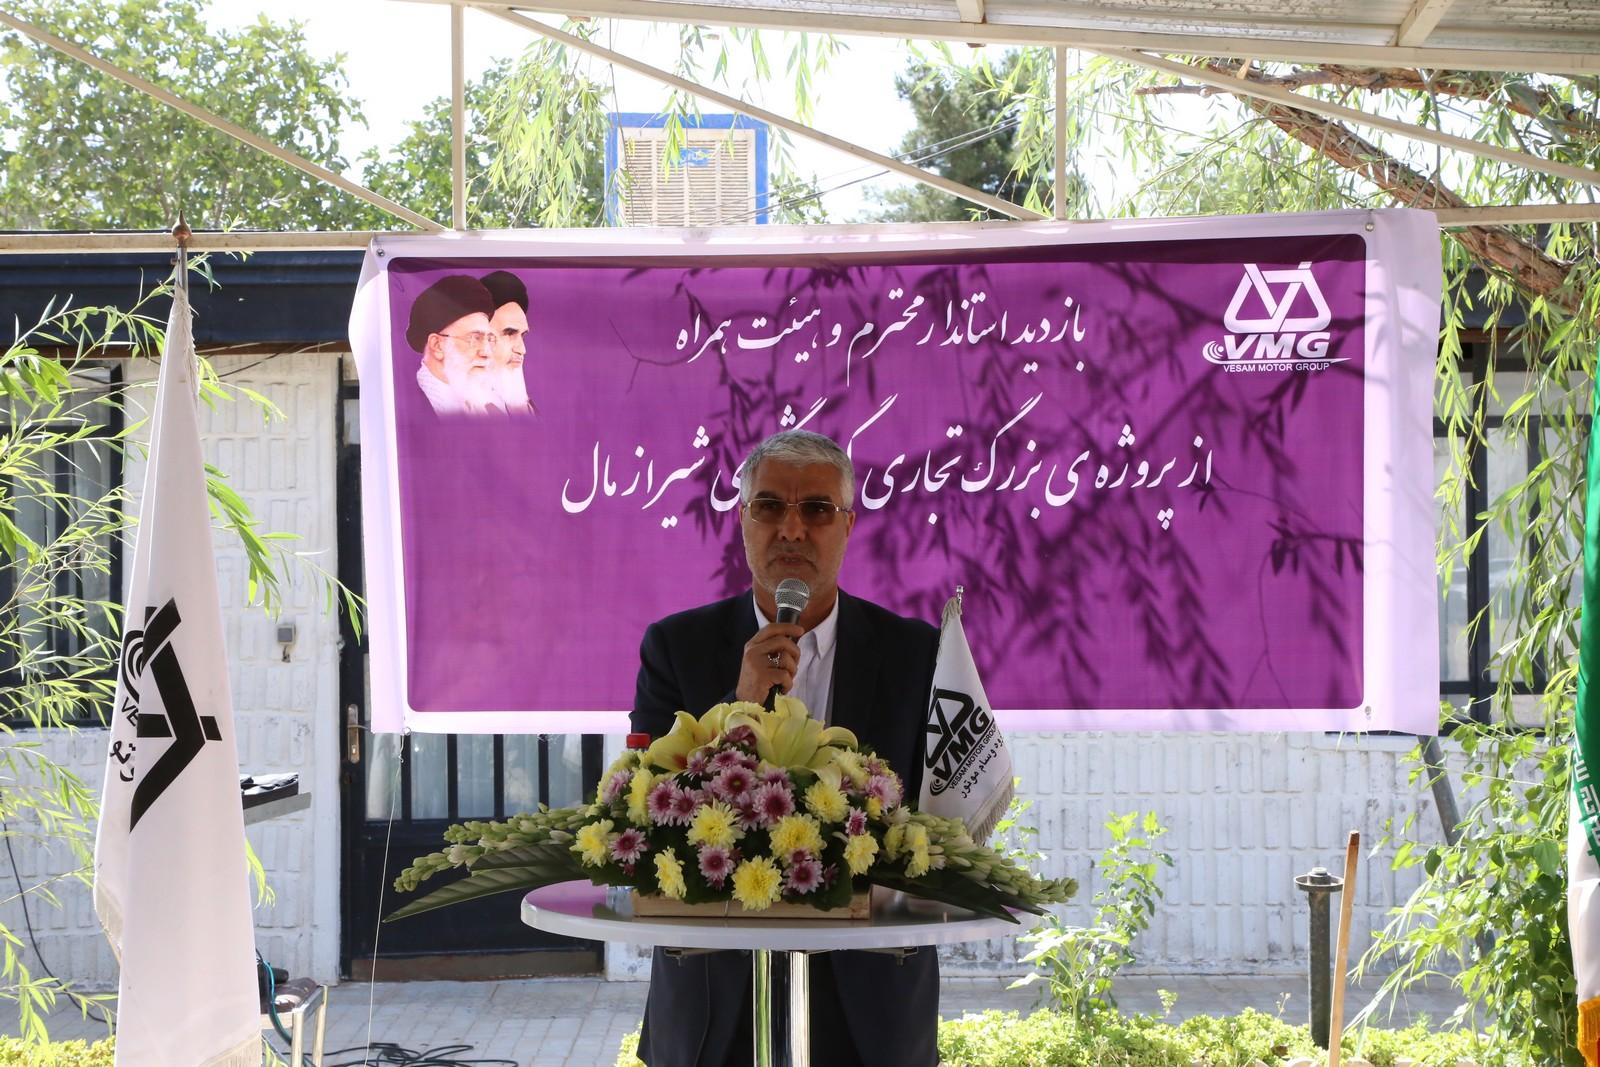 بازدید استاندار فارس و شهردار محترم کلانشهر شیراز  از مجتمع تجاری گردشگری شیراز مال